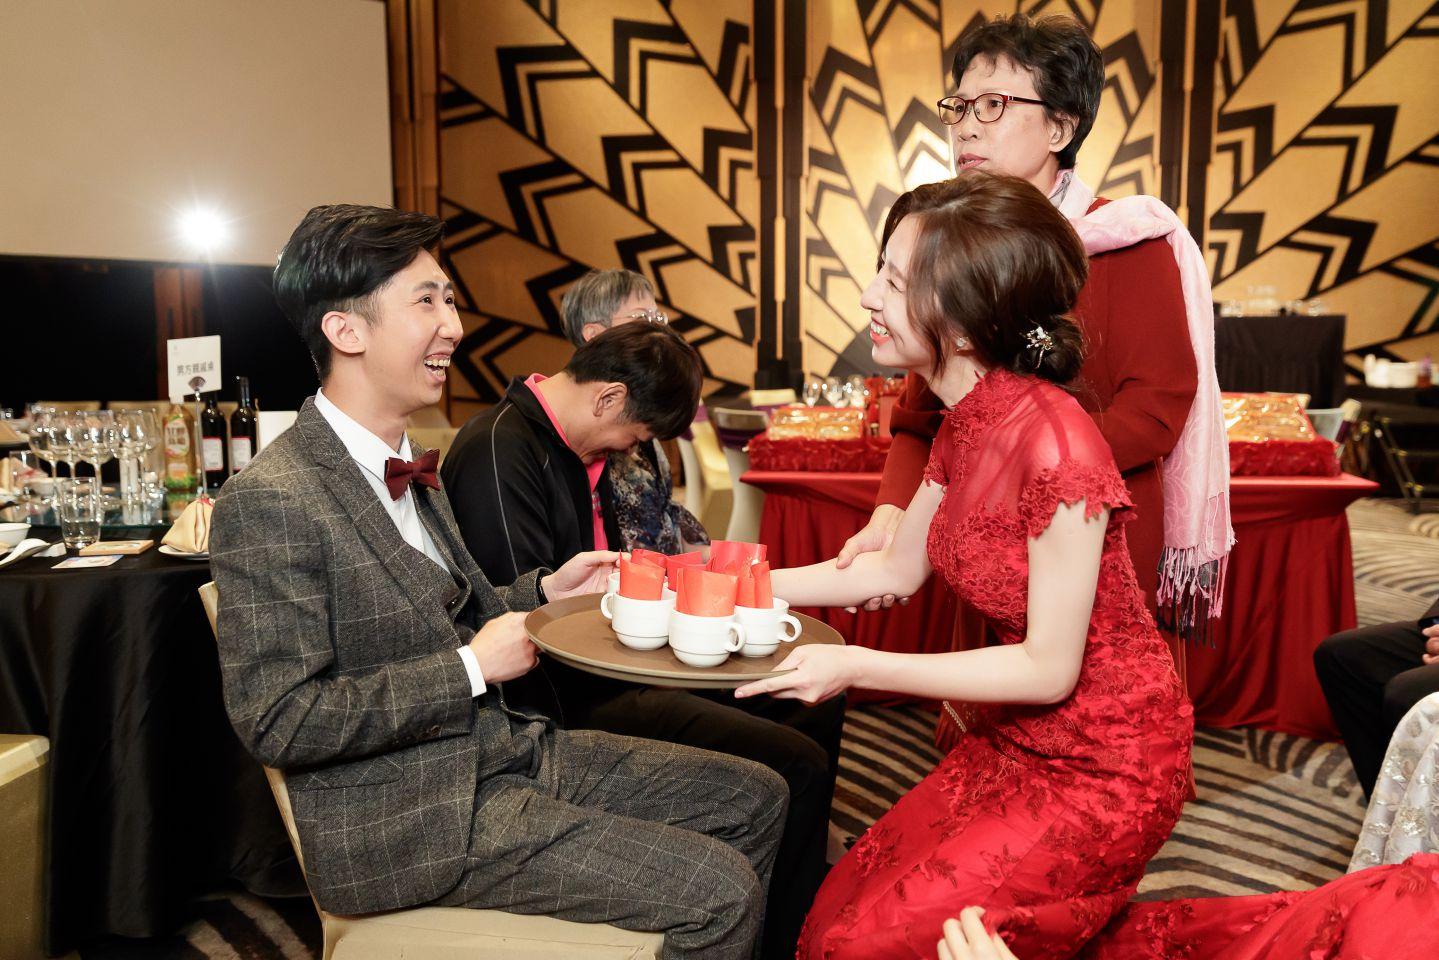 晶綺盛宴黃金廳婚攝,黃金廳訂婚儀式,高雄婚攝推薦